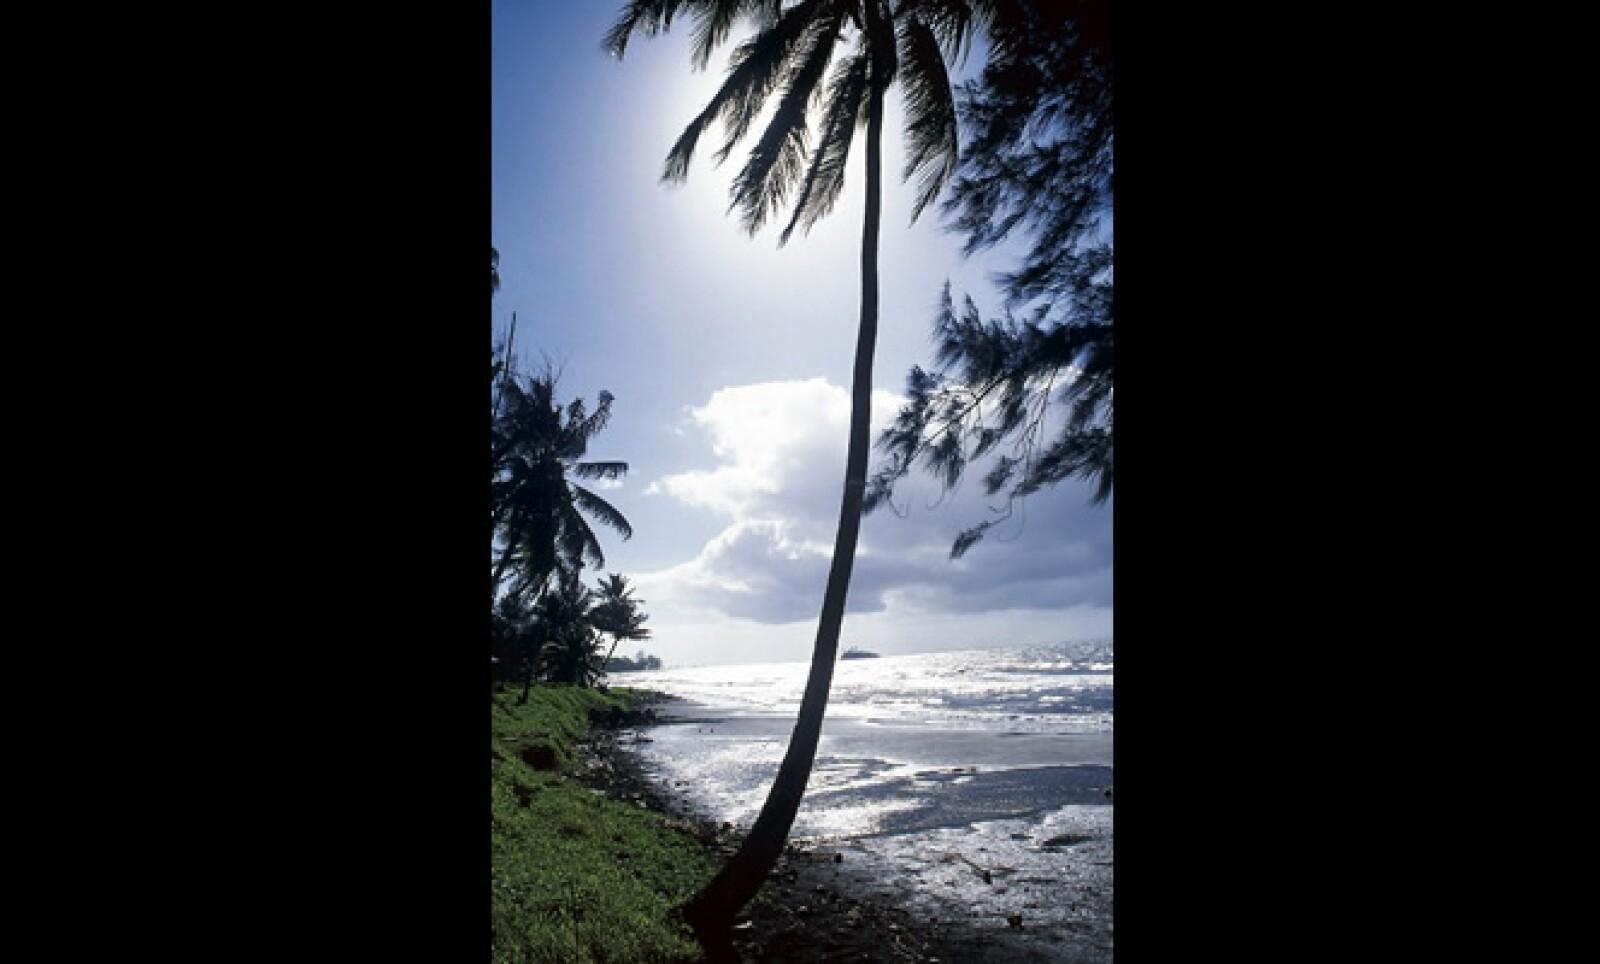 En las playas de Tahití es muy comun ver palmeras con el tronco curvo, como si quisieran estar más cerca del mar.